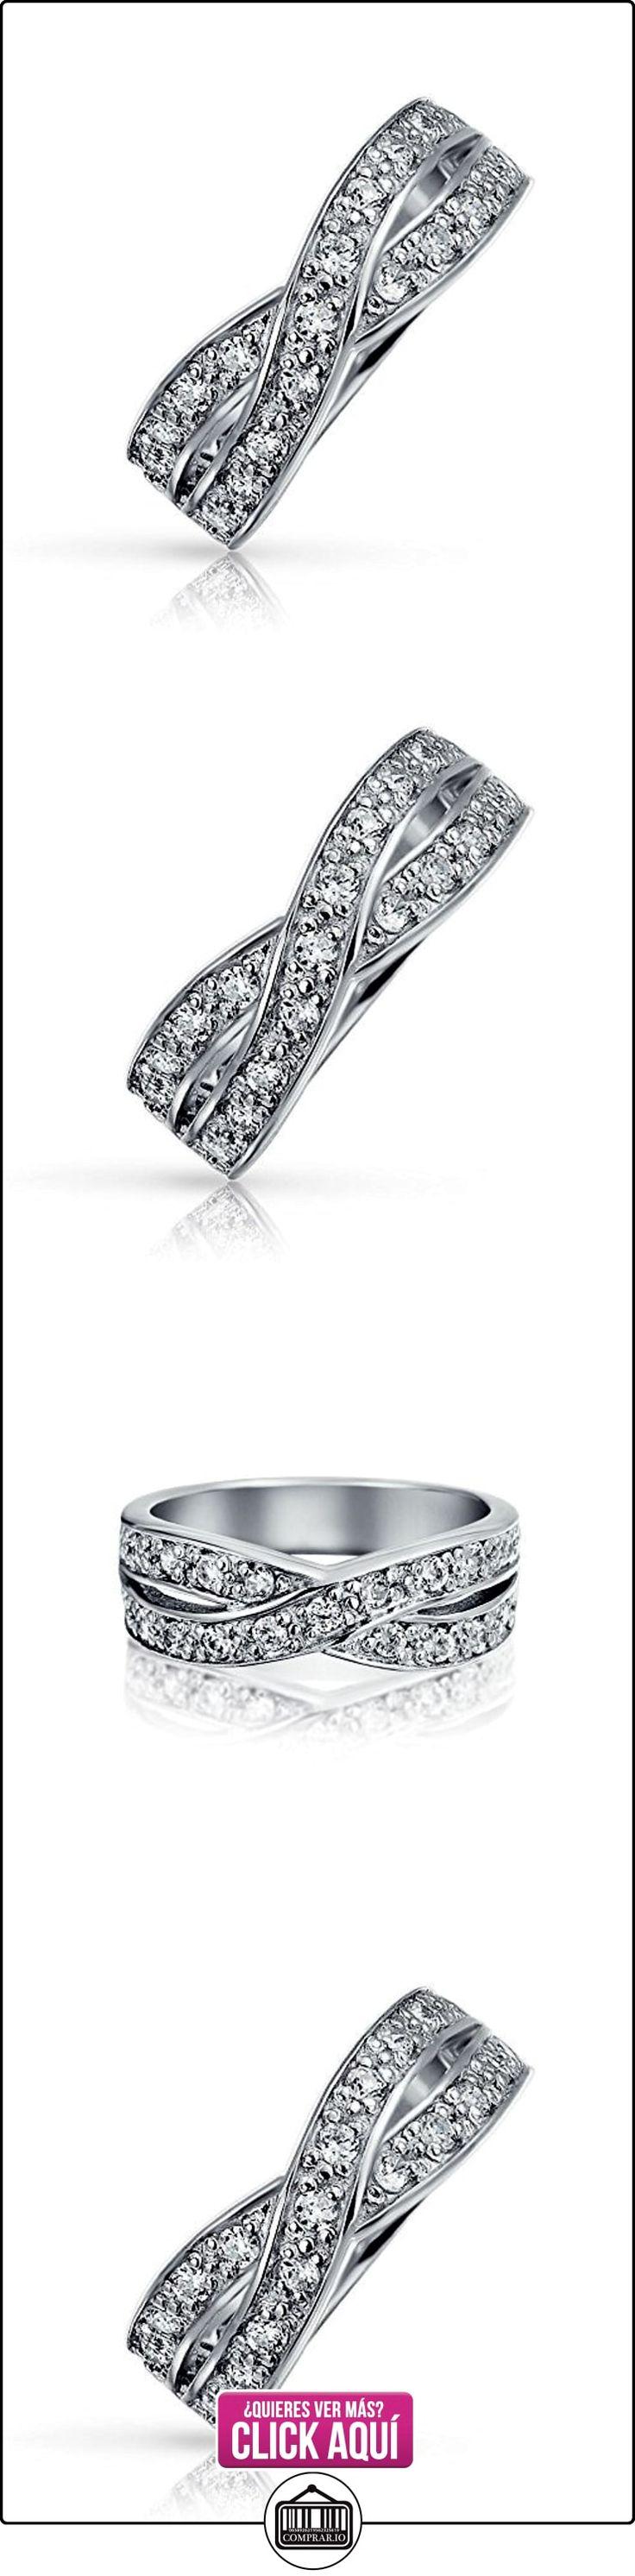 Bling Jewelry Plata Esterlina CZ Le Cercle Allanar Anillo Infinito  ✿ Joyas para mujer - Las mejores ofertas ✿ ▬► Ver oferta: https://comprar.io/goto/B002Y2DPH2